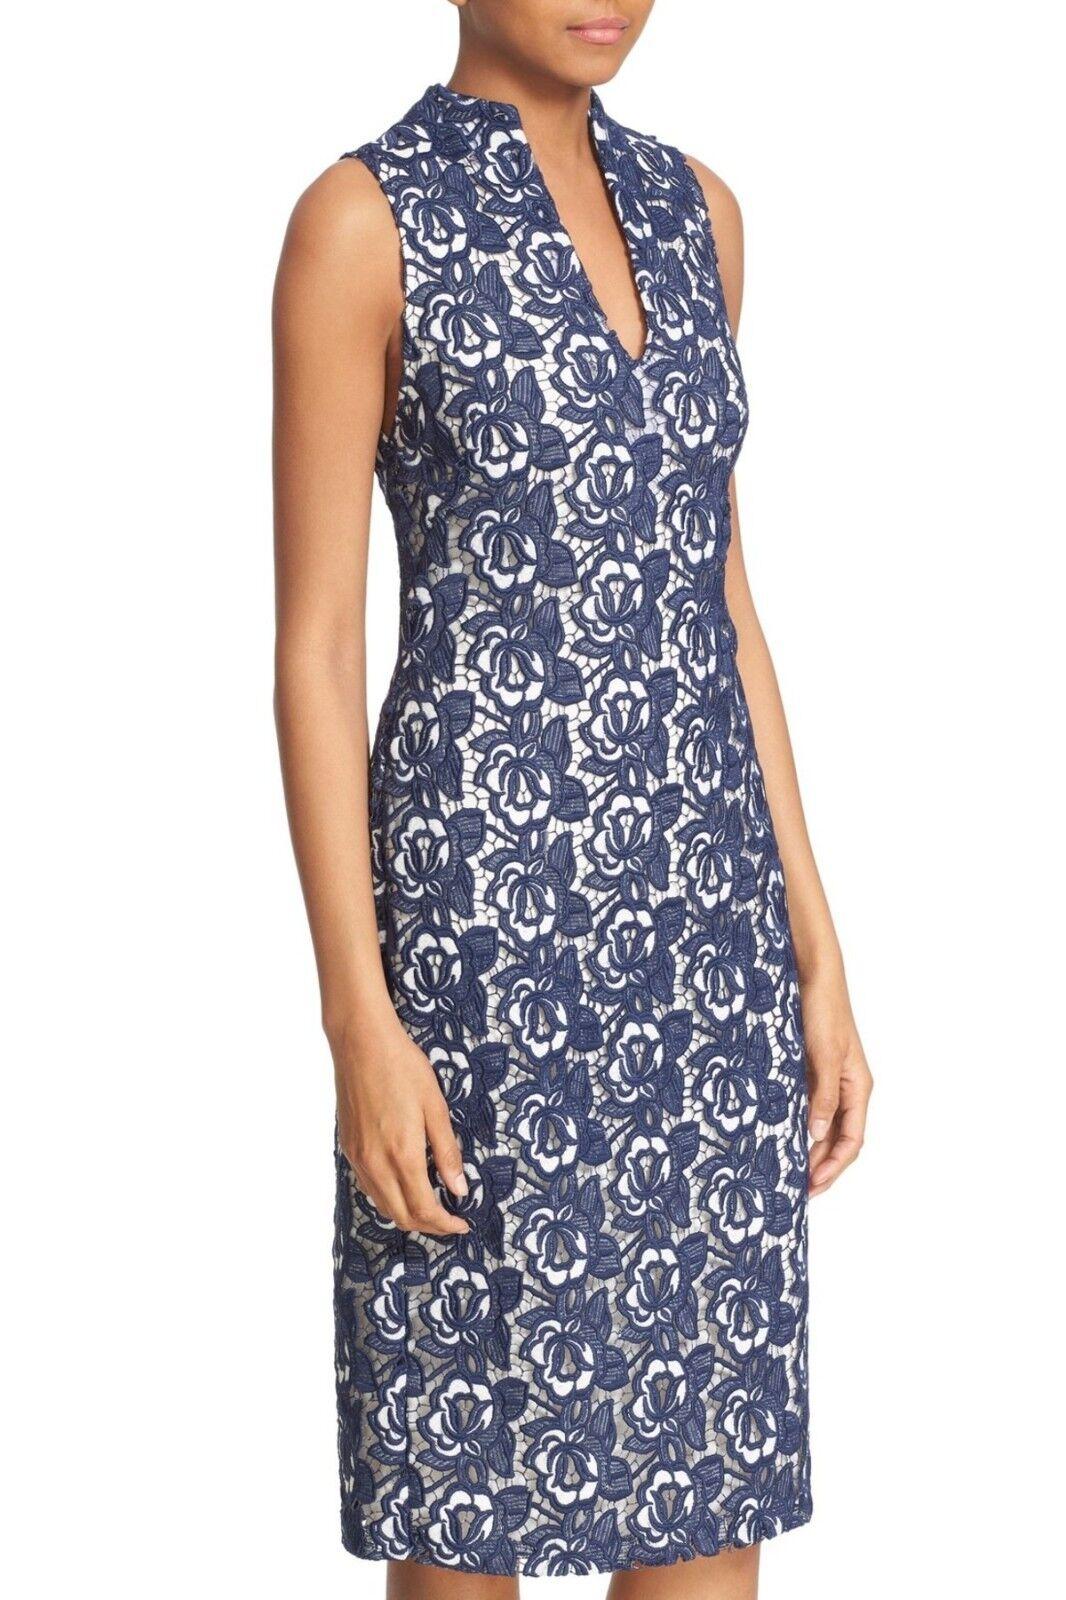 New  alice + olivia Jacki V-Neck Sleeveless Lace Sheath Dress Größe 6